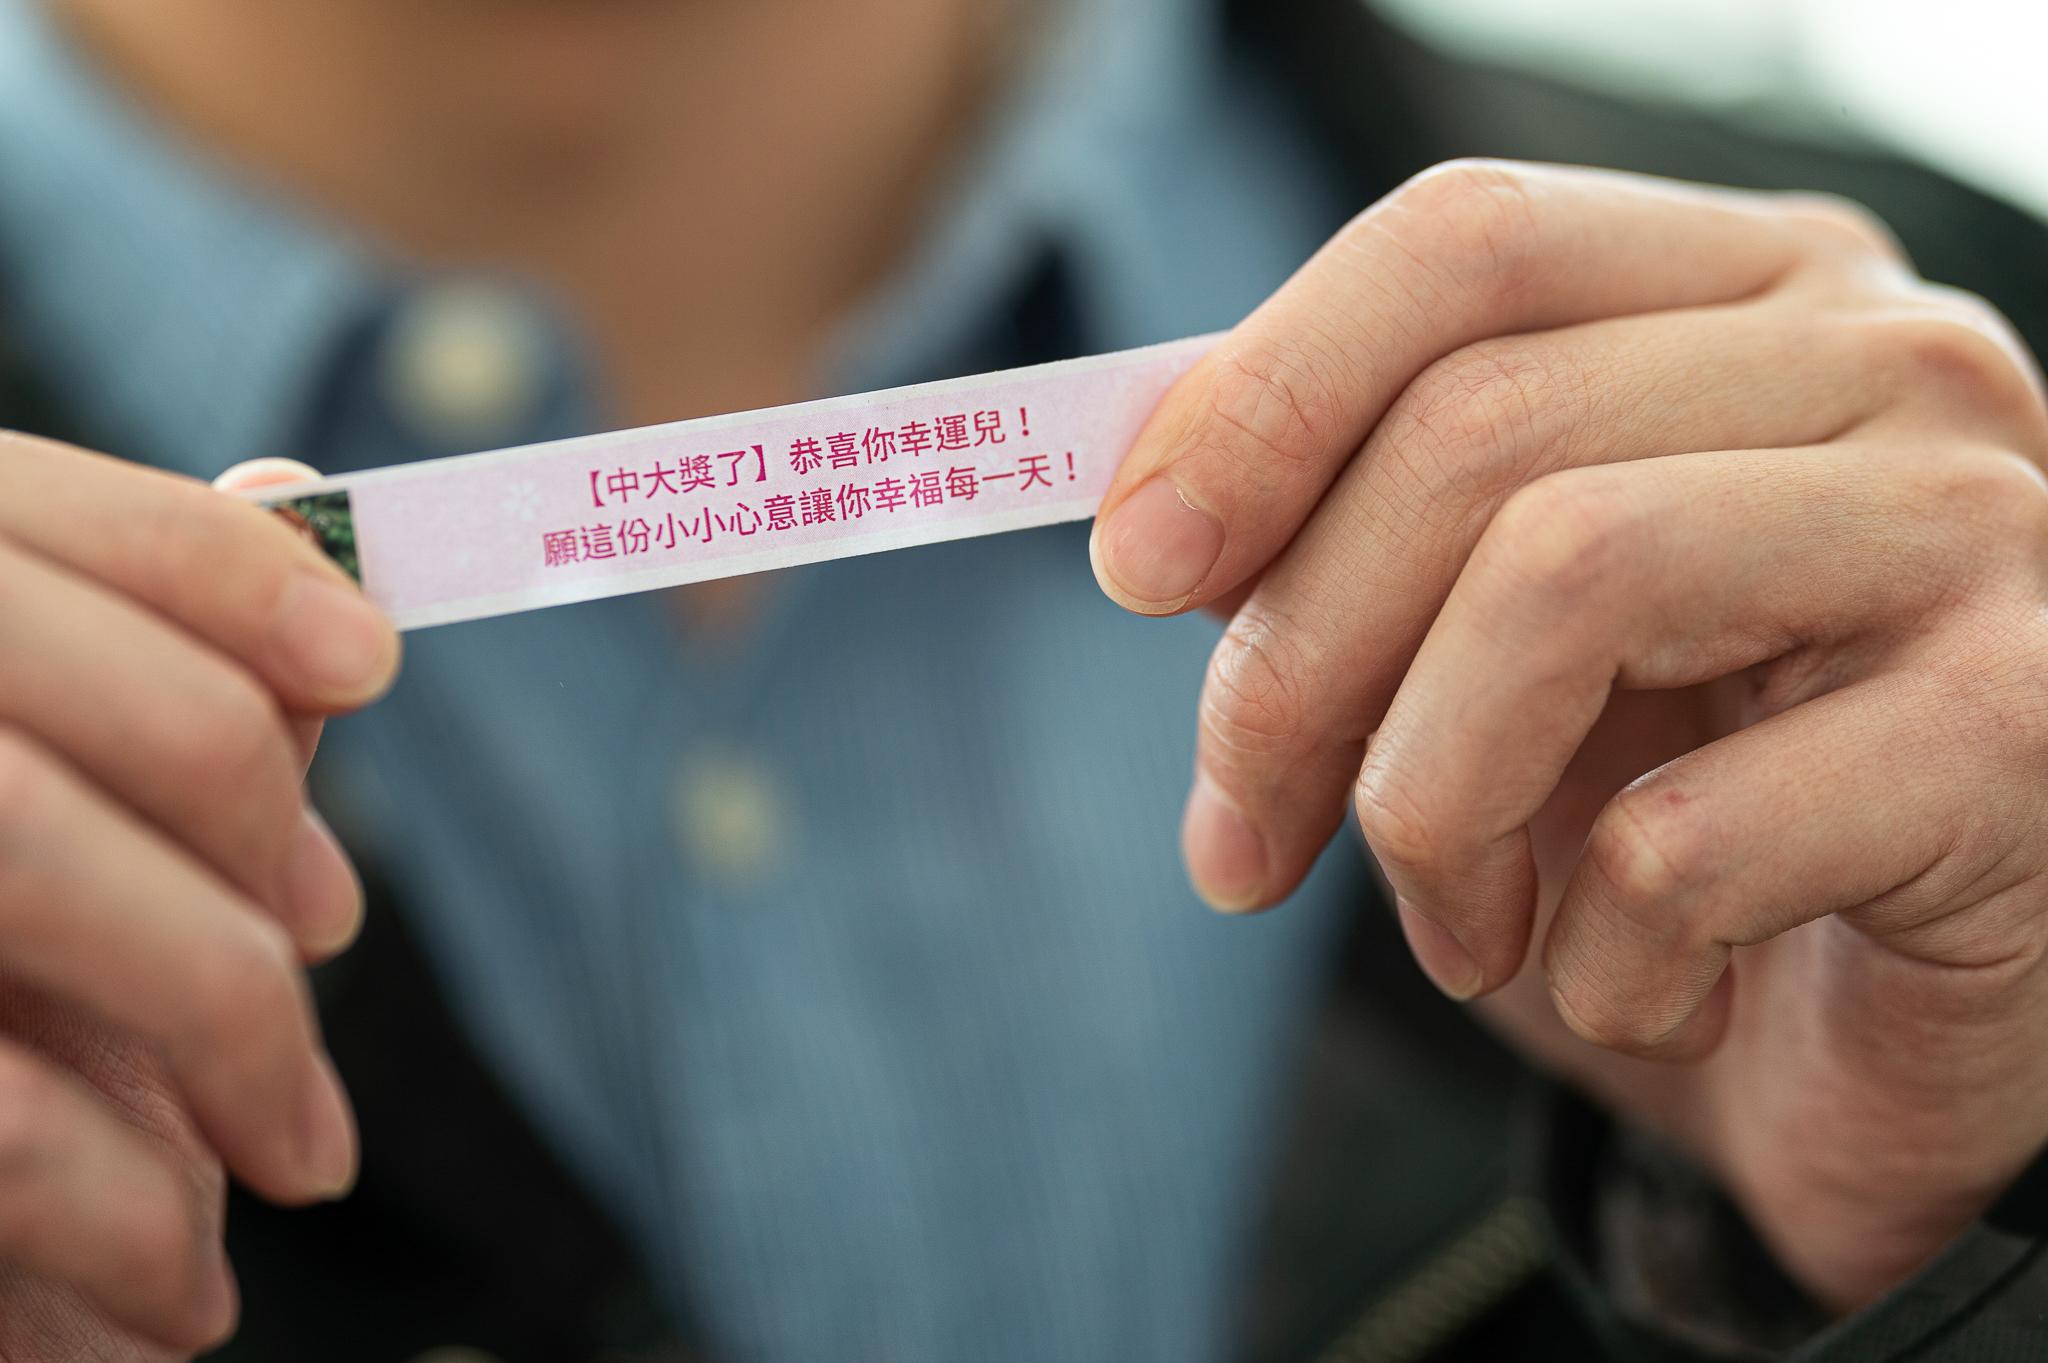 2020.02.22Liang-99